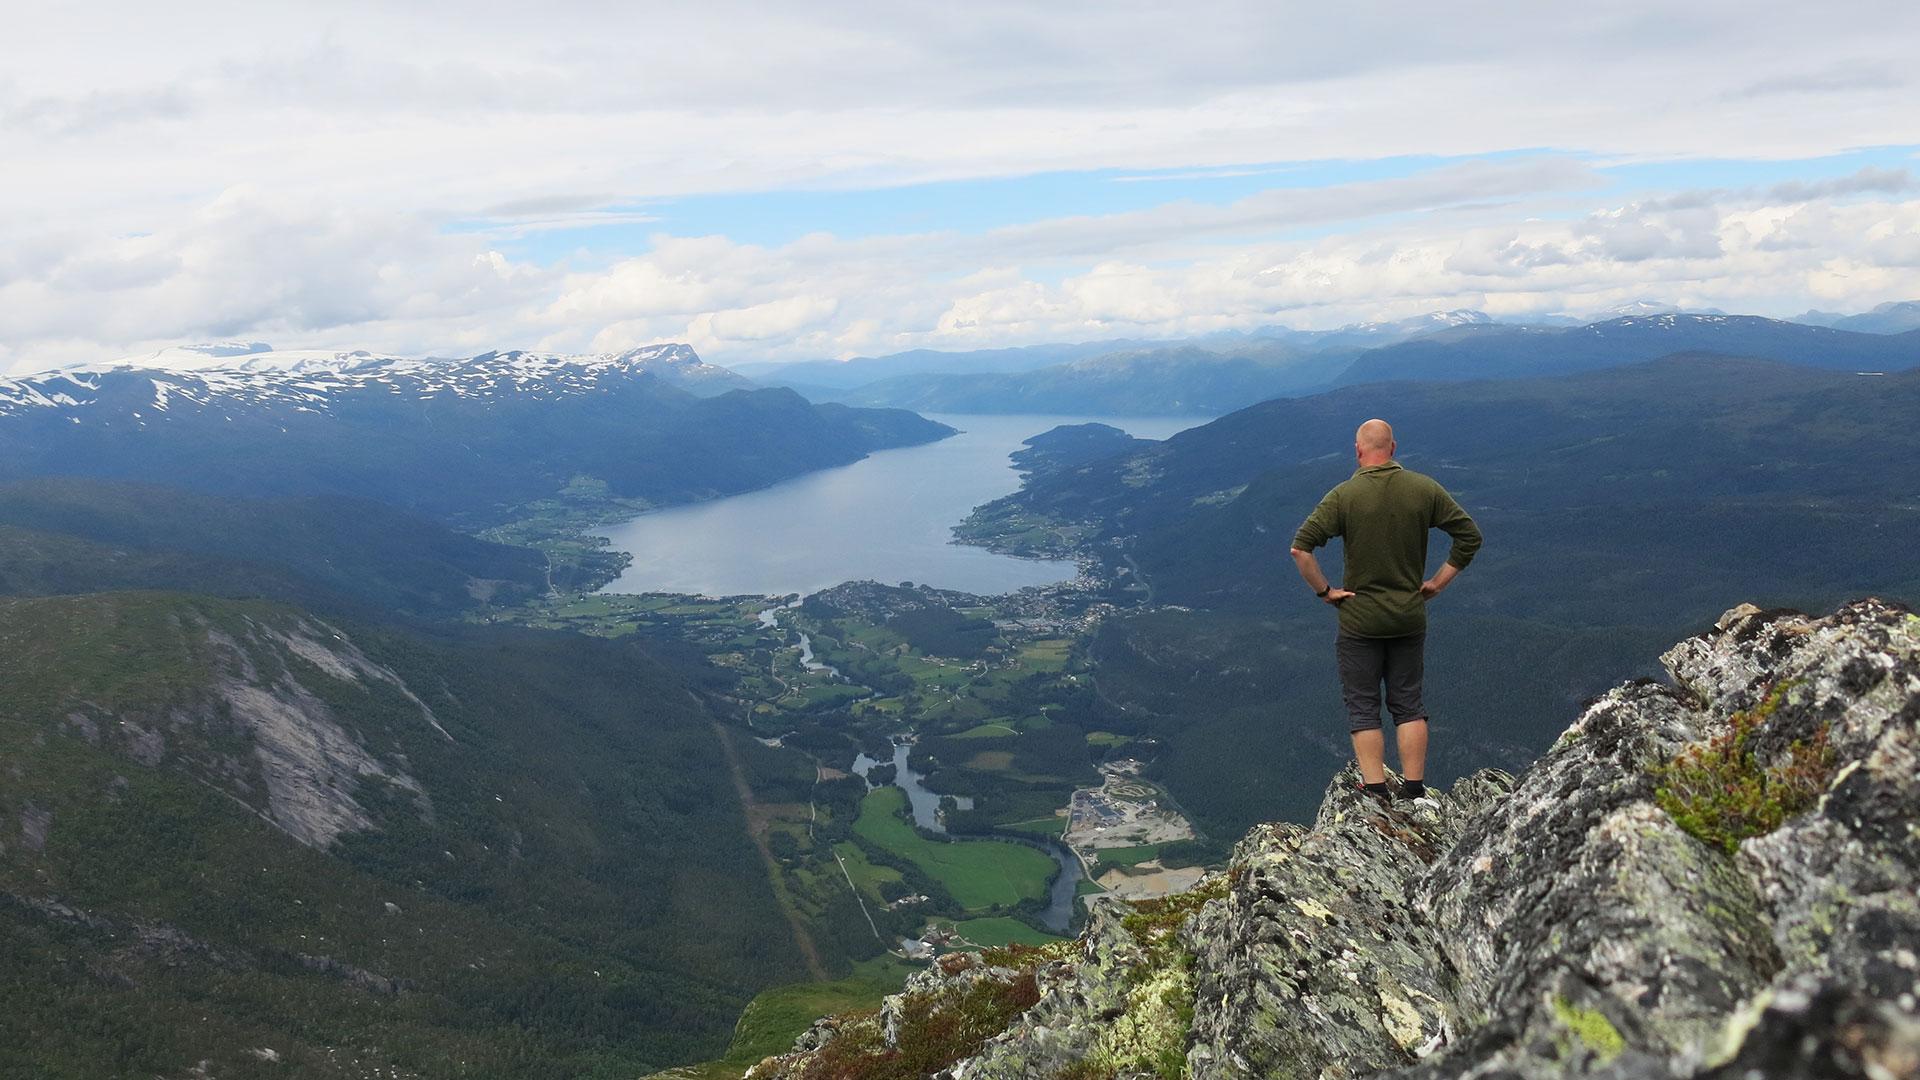 Mann ser utover landskap og fjorden